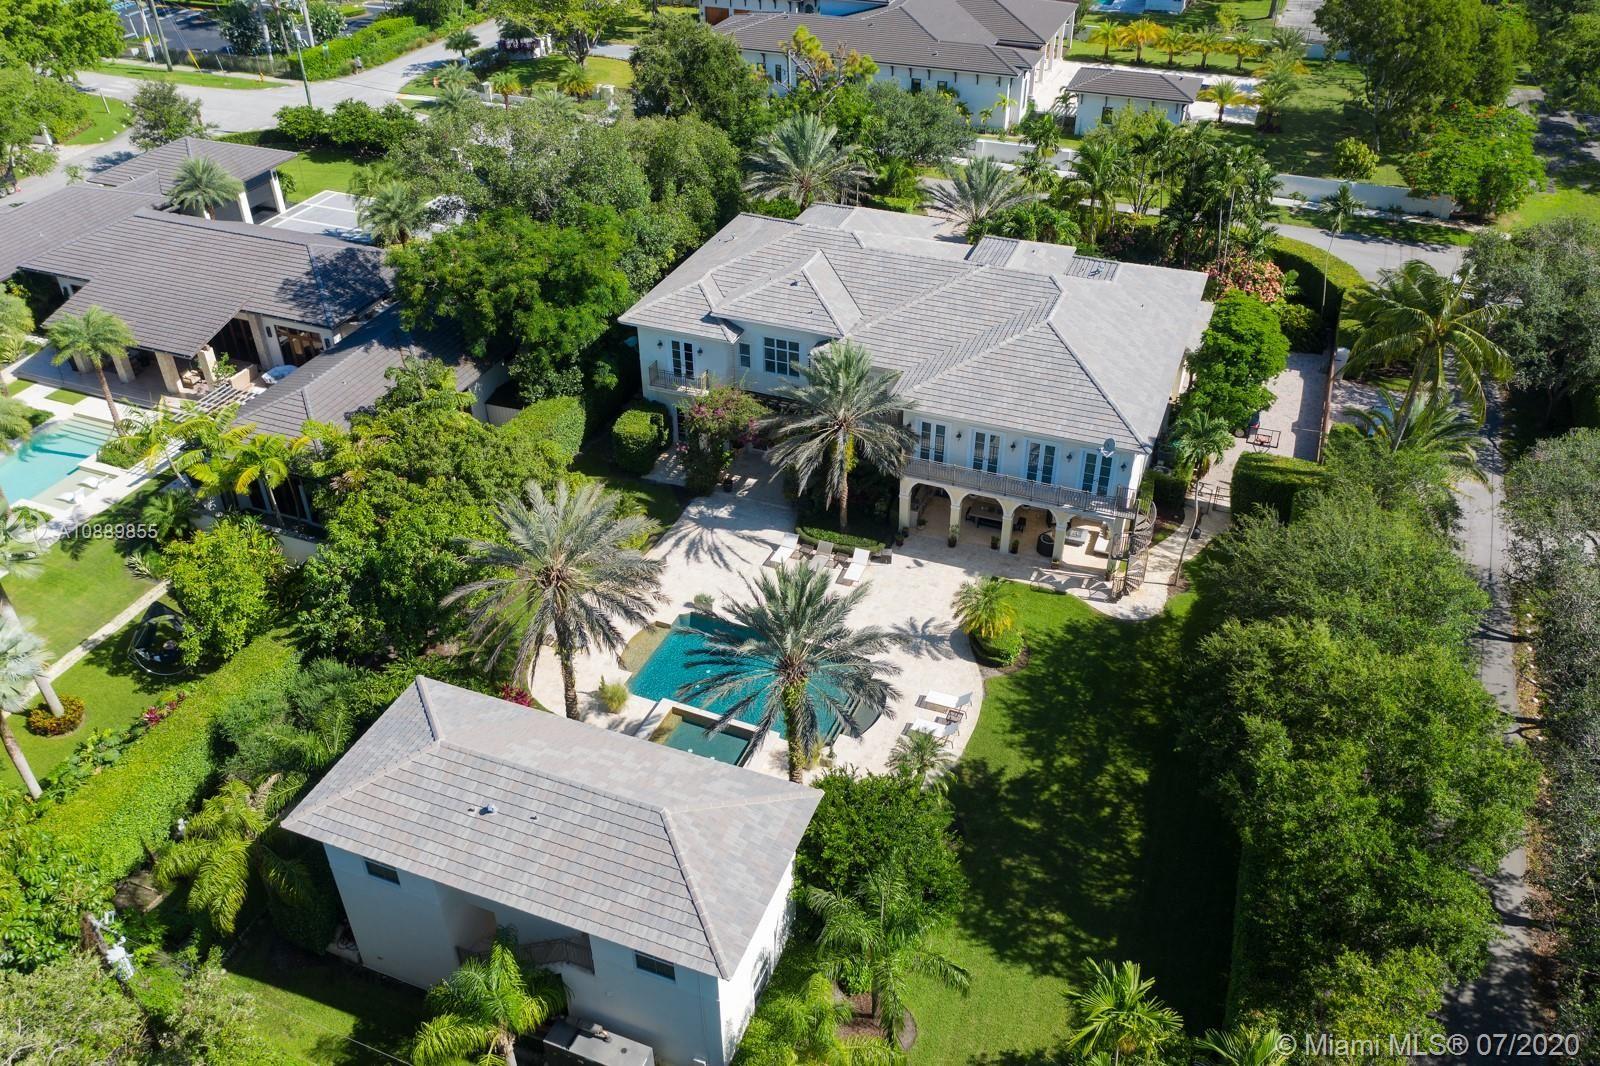 5350 SW 84th St, Miami, FL 33143 - #: A10889855